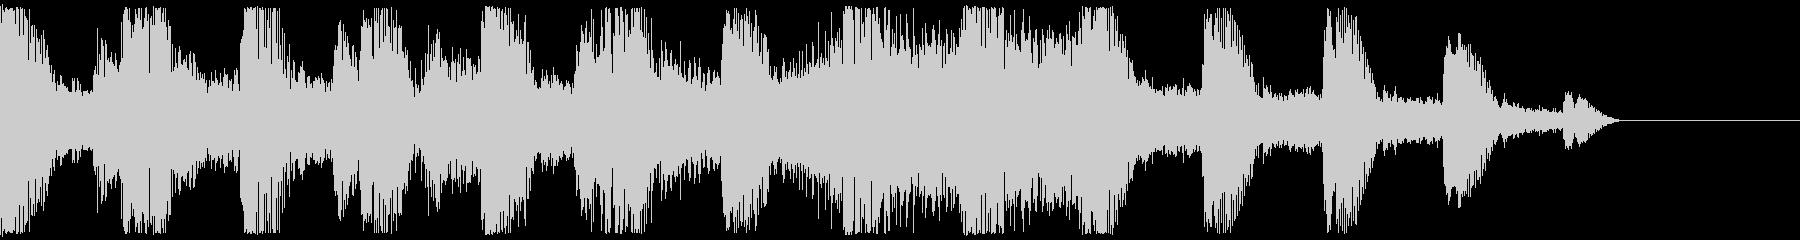 蝉の声 日本の夏 サウンドロゴの未再生の波形